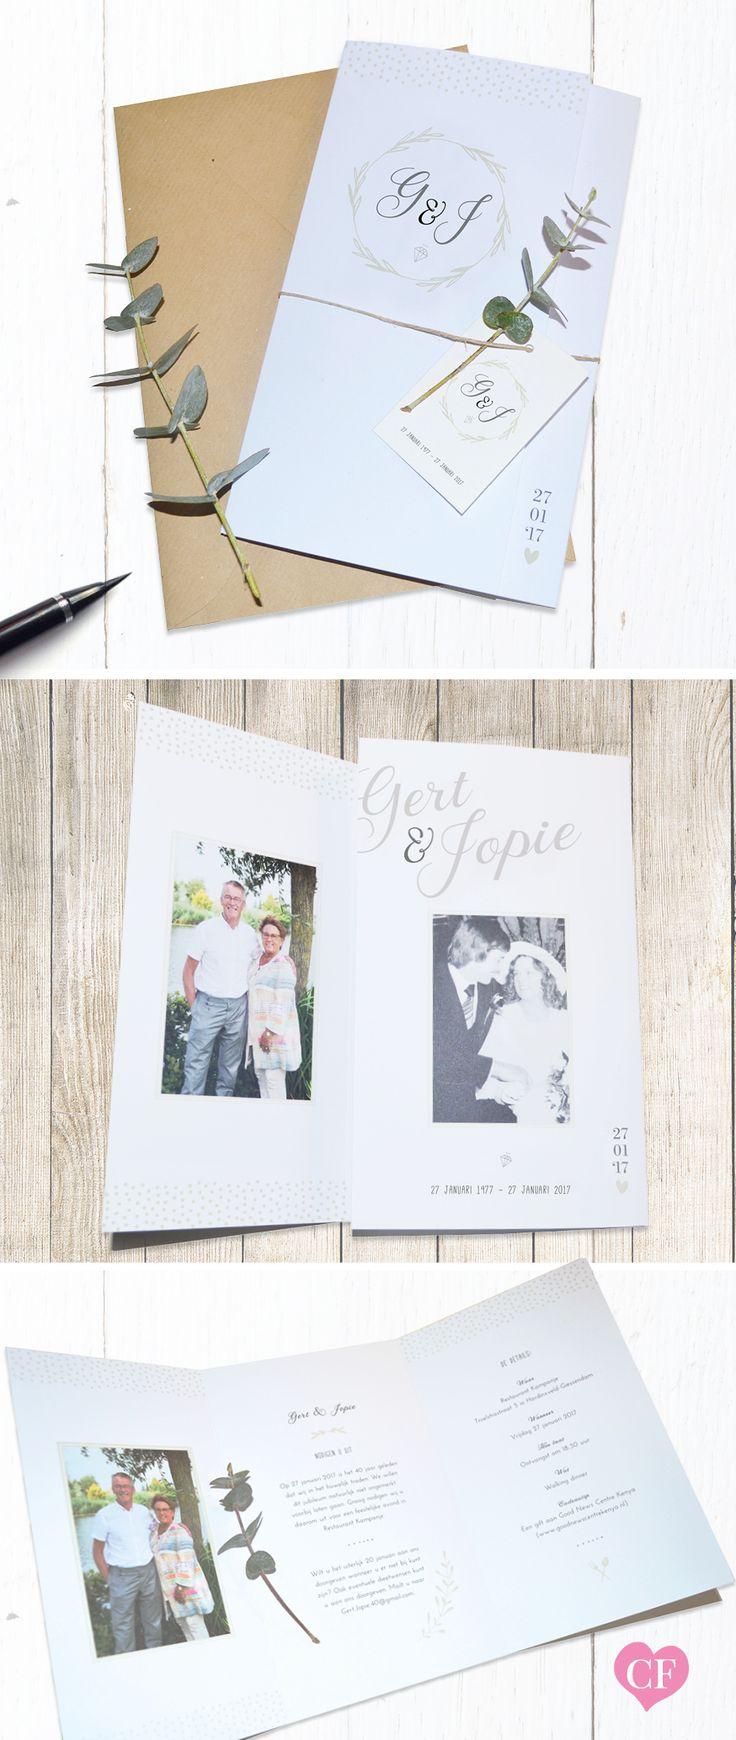 Speciale trouwkaart / jubileumkaart op maat ontworpen als drie luik | foto | hartje | rustiek | bruiloft | sierlijk | eucalyptus | landelijk | modern | ontwerp | karton | jubileum | weddingcard | design | label | kaartje op maat | charlyfine.nl